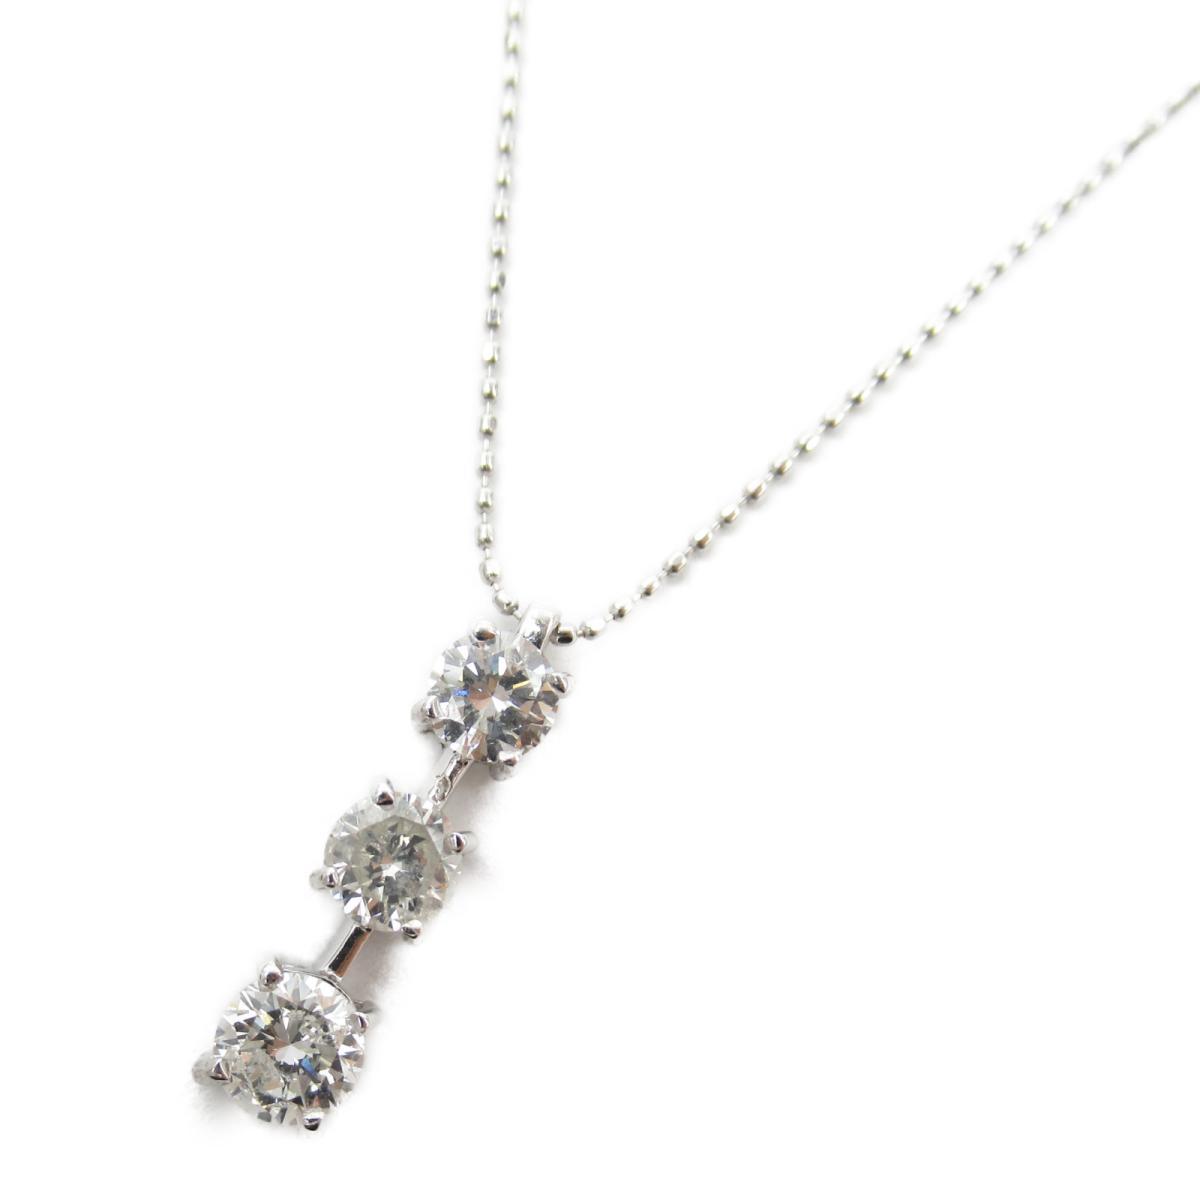 ジュエリー ダイヤモンド ネックレス ノーブランドジュエリー レディース K18WG (750) ホワイトゴールド x ダイヤモンド1.13ct 【中古】 | JEWELRY BRANDOFF ブランドオフ アクセサリー ペンダント